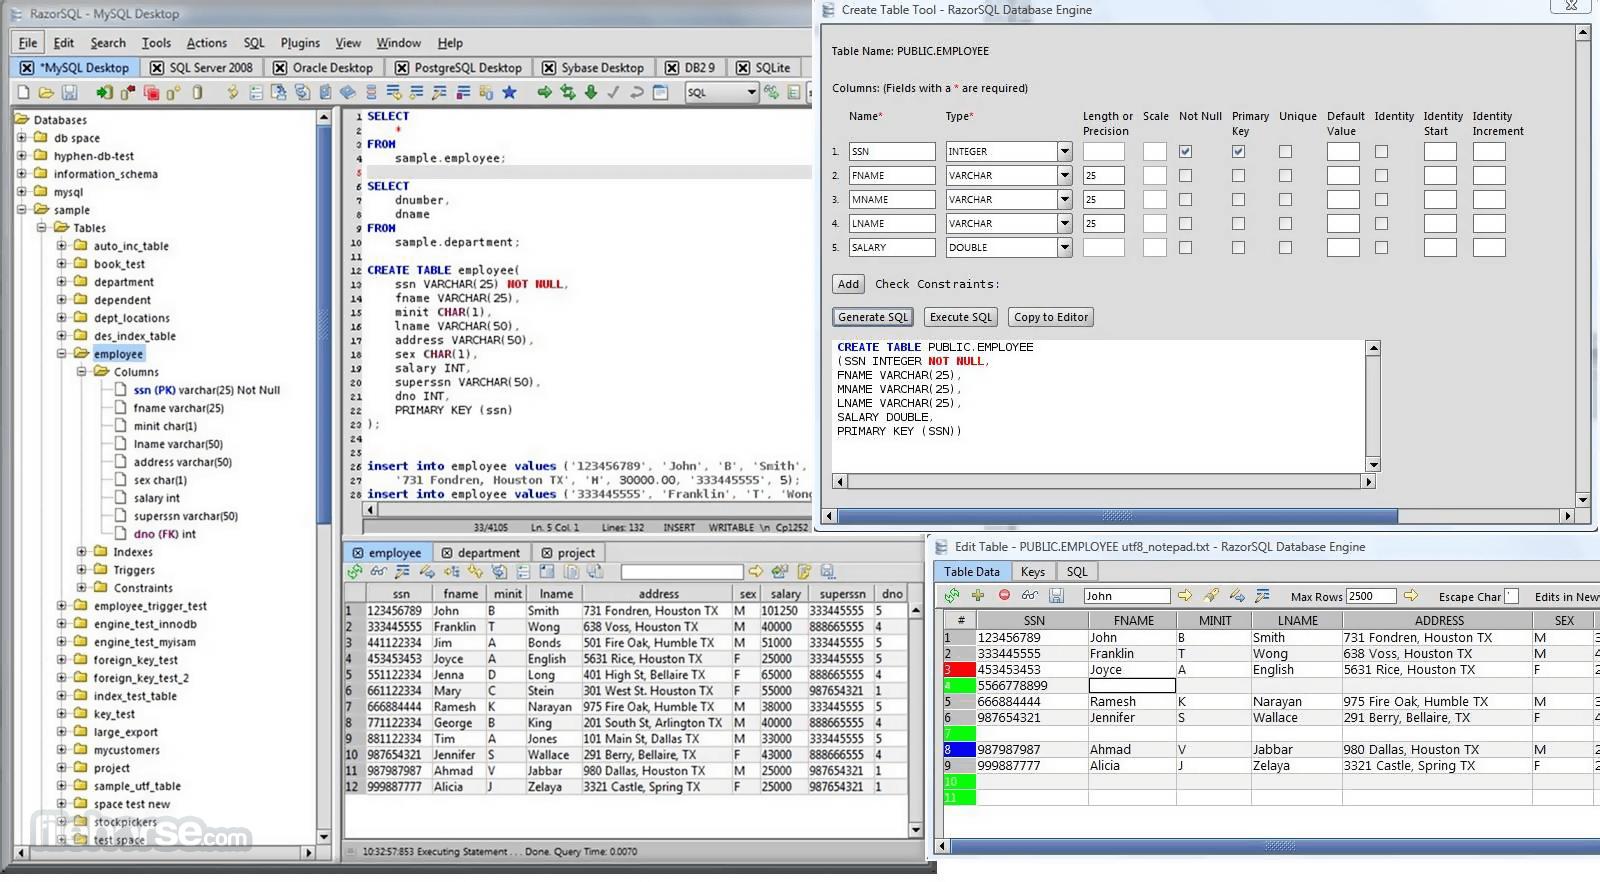 RazorSQL 9.3.2 (32-bit) Screenshot 1